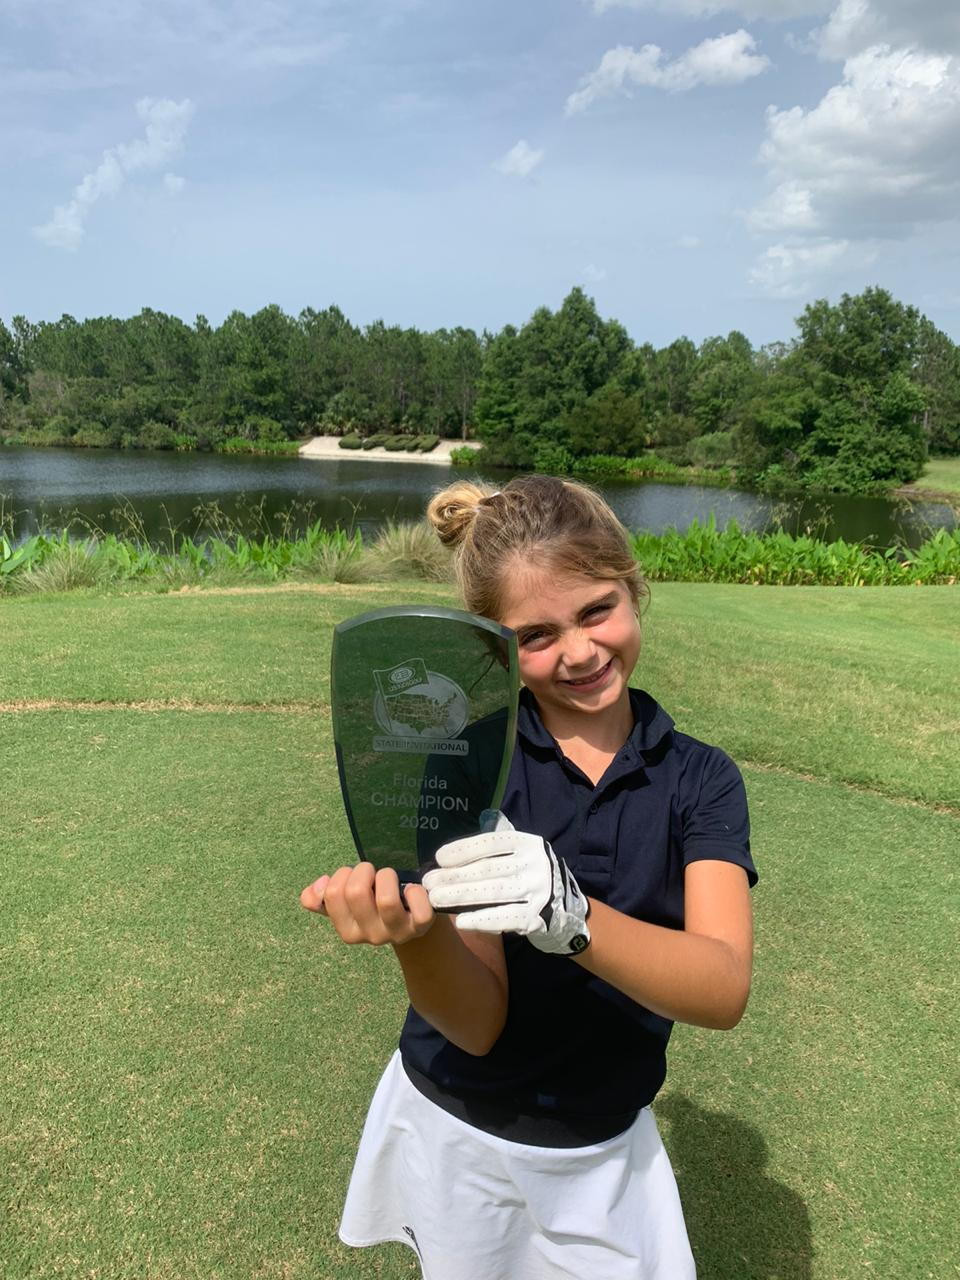 Golfista de 6 anos, Bella Simões é campeã do Florida State Invitation